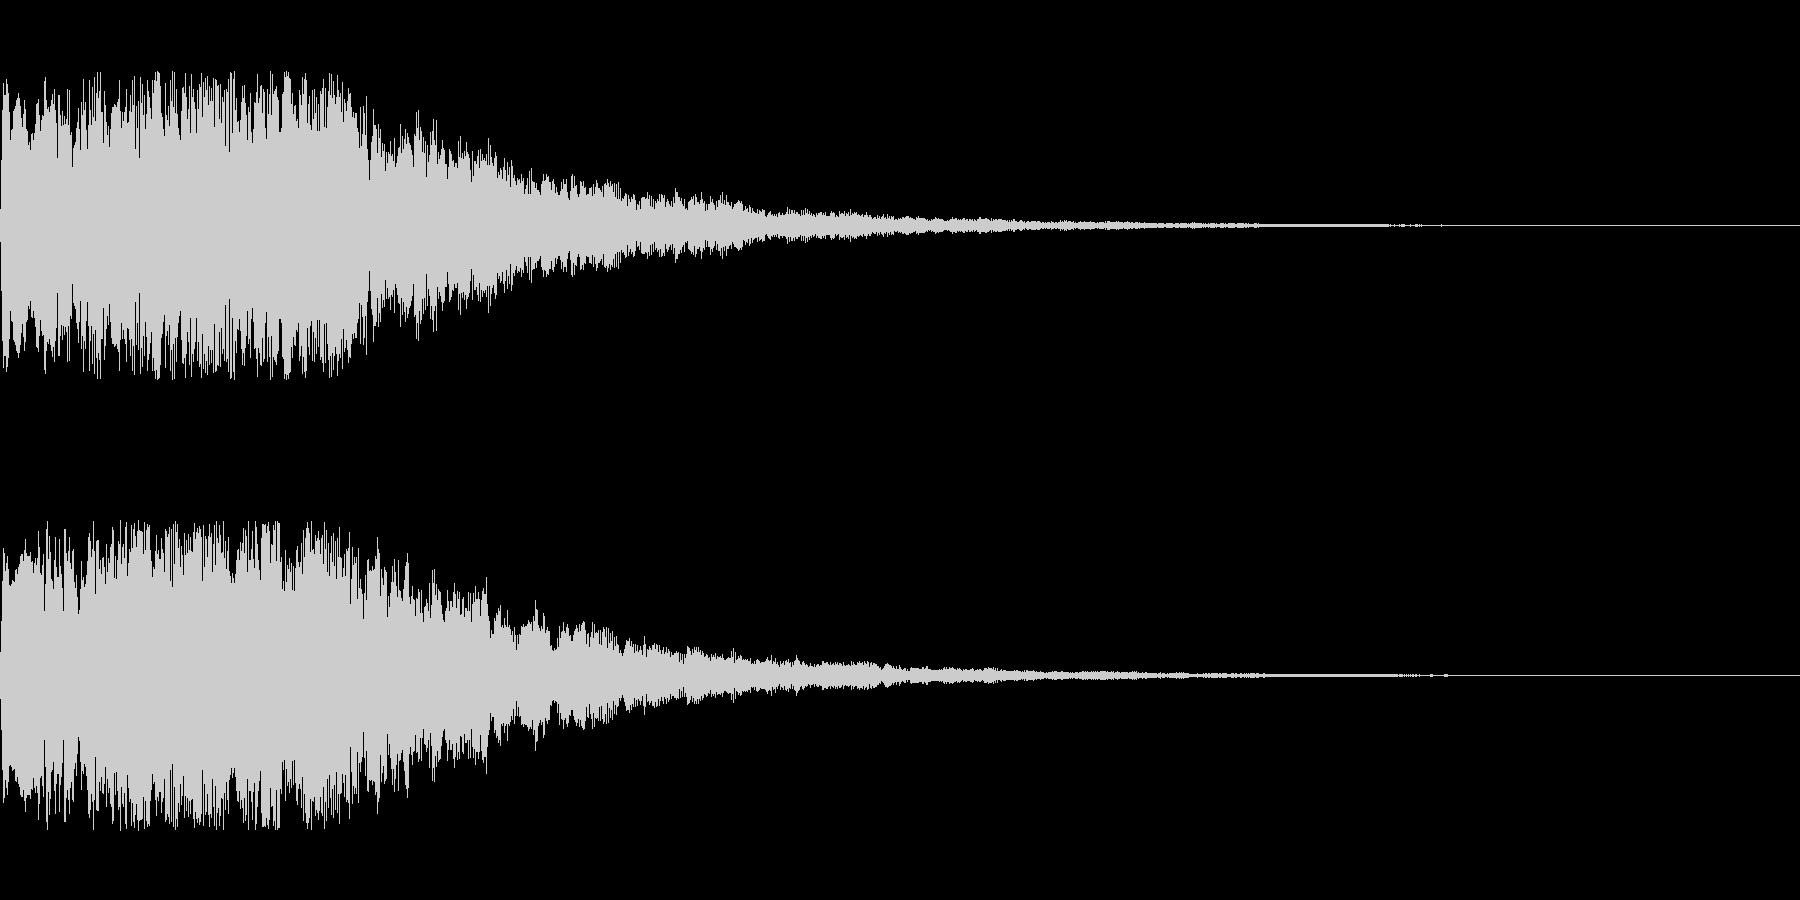 明るいシンセサイザー 決定音1の未再生の波形